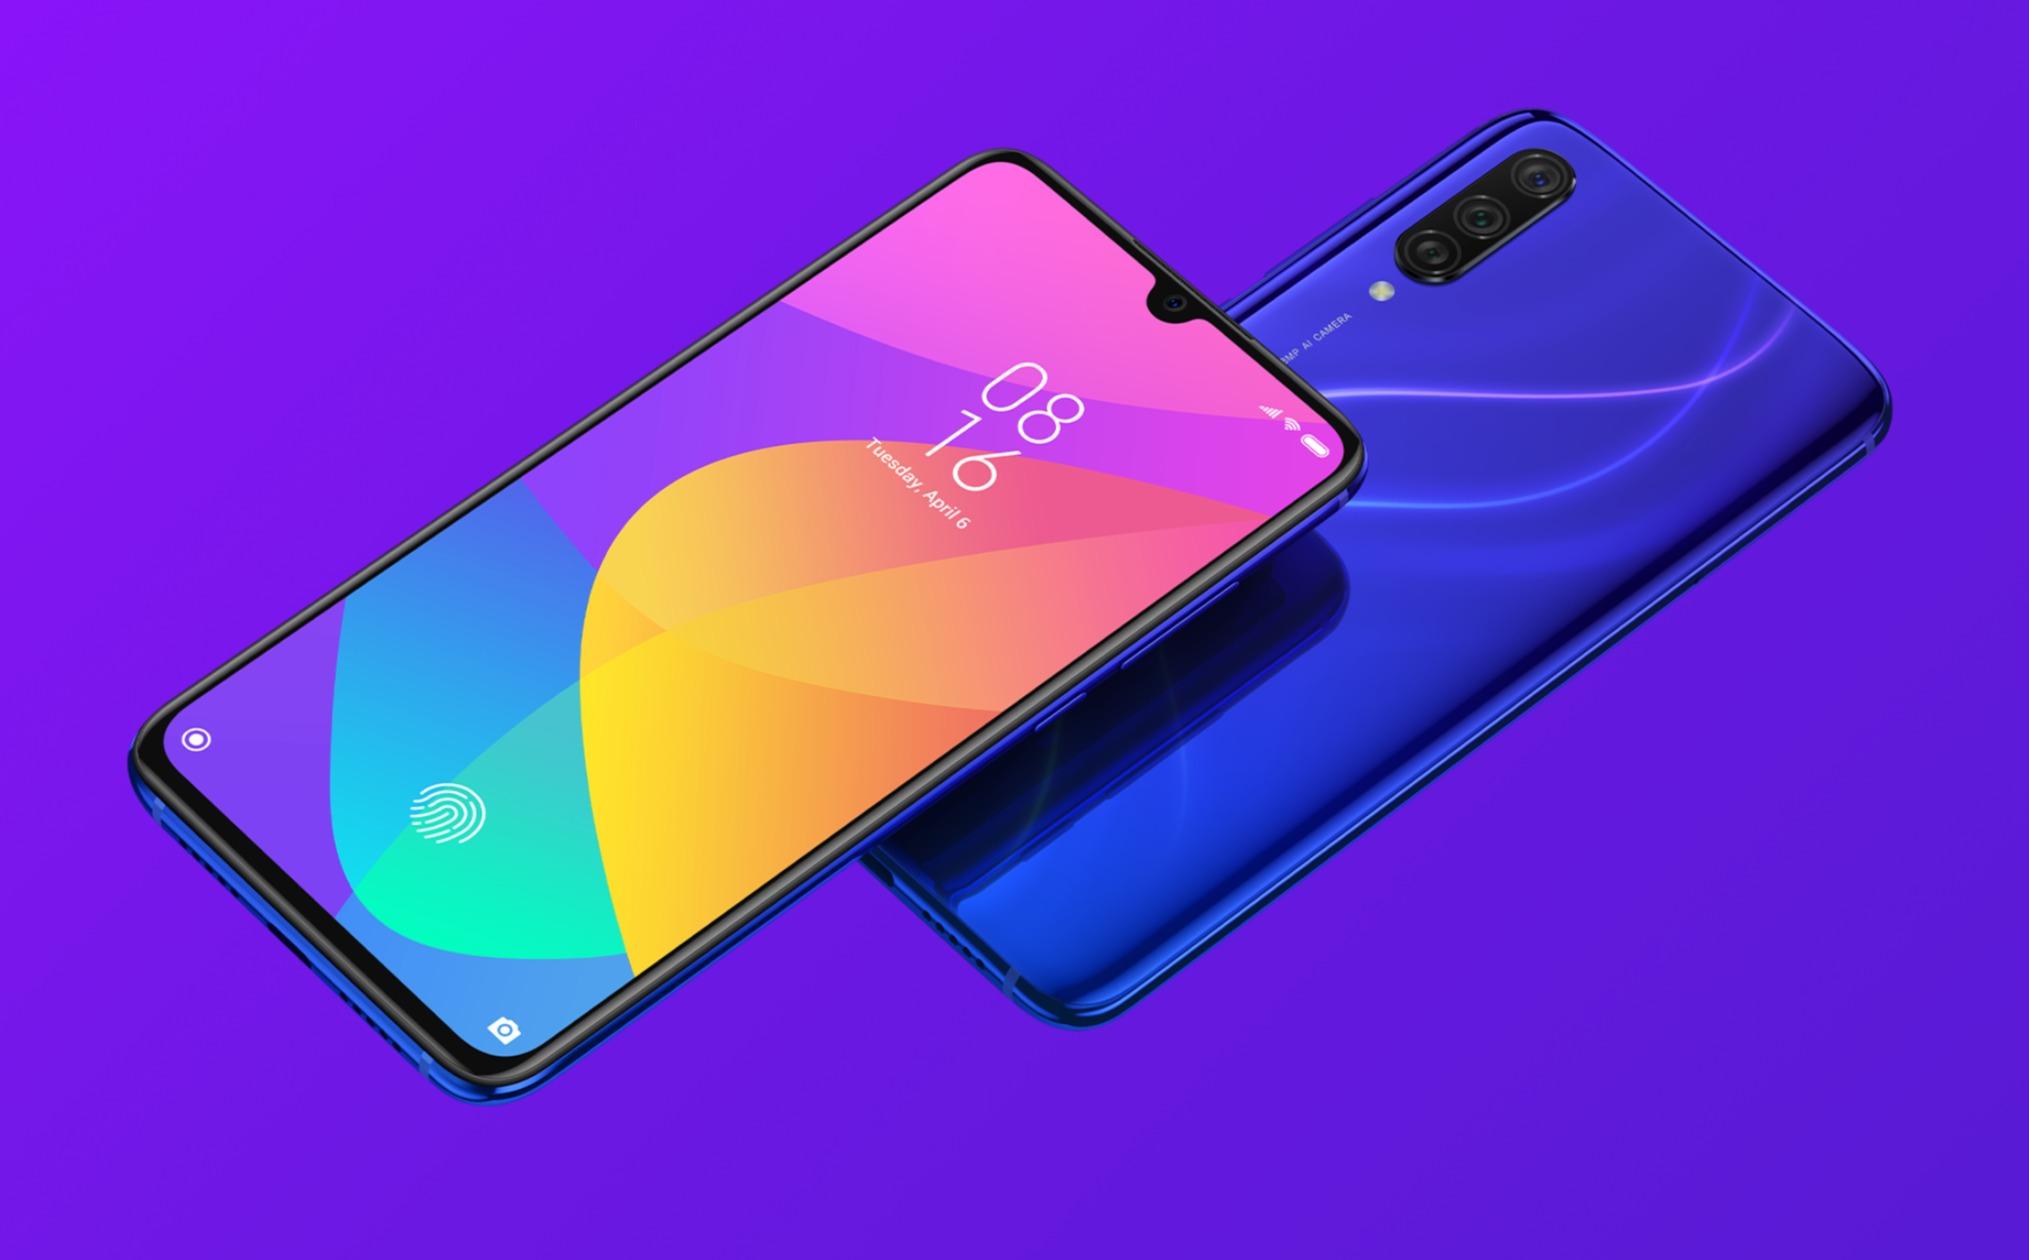 Smartphones: Xiaomi patentierte unterschiedliche Frontkamera-Designs